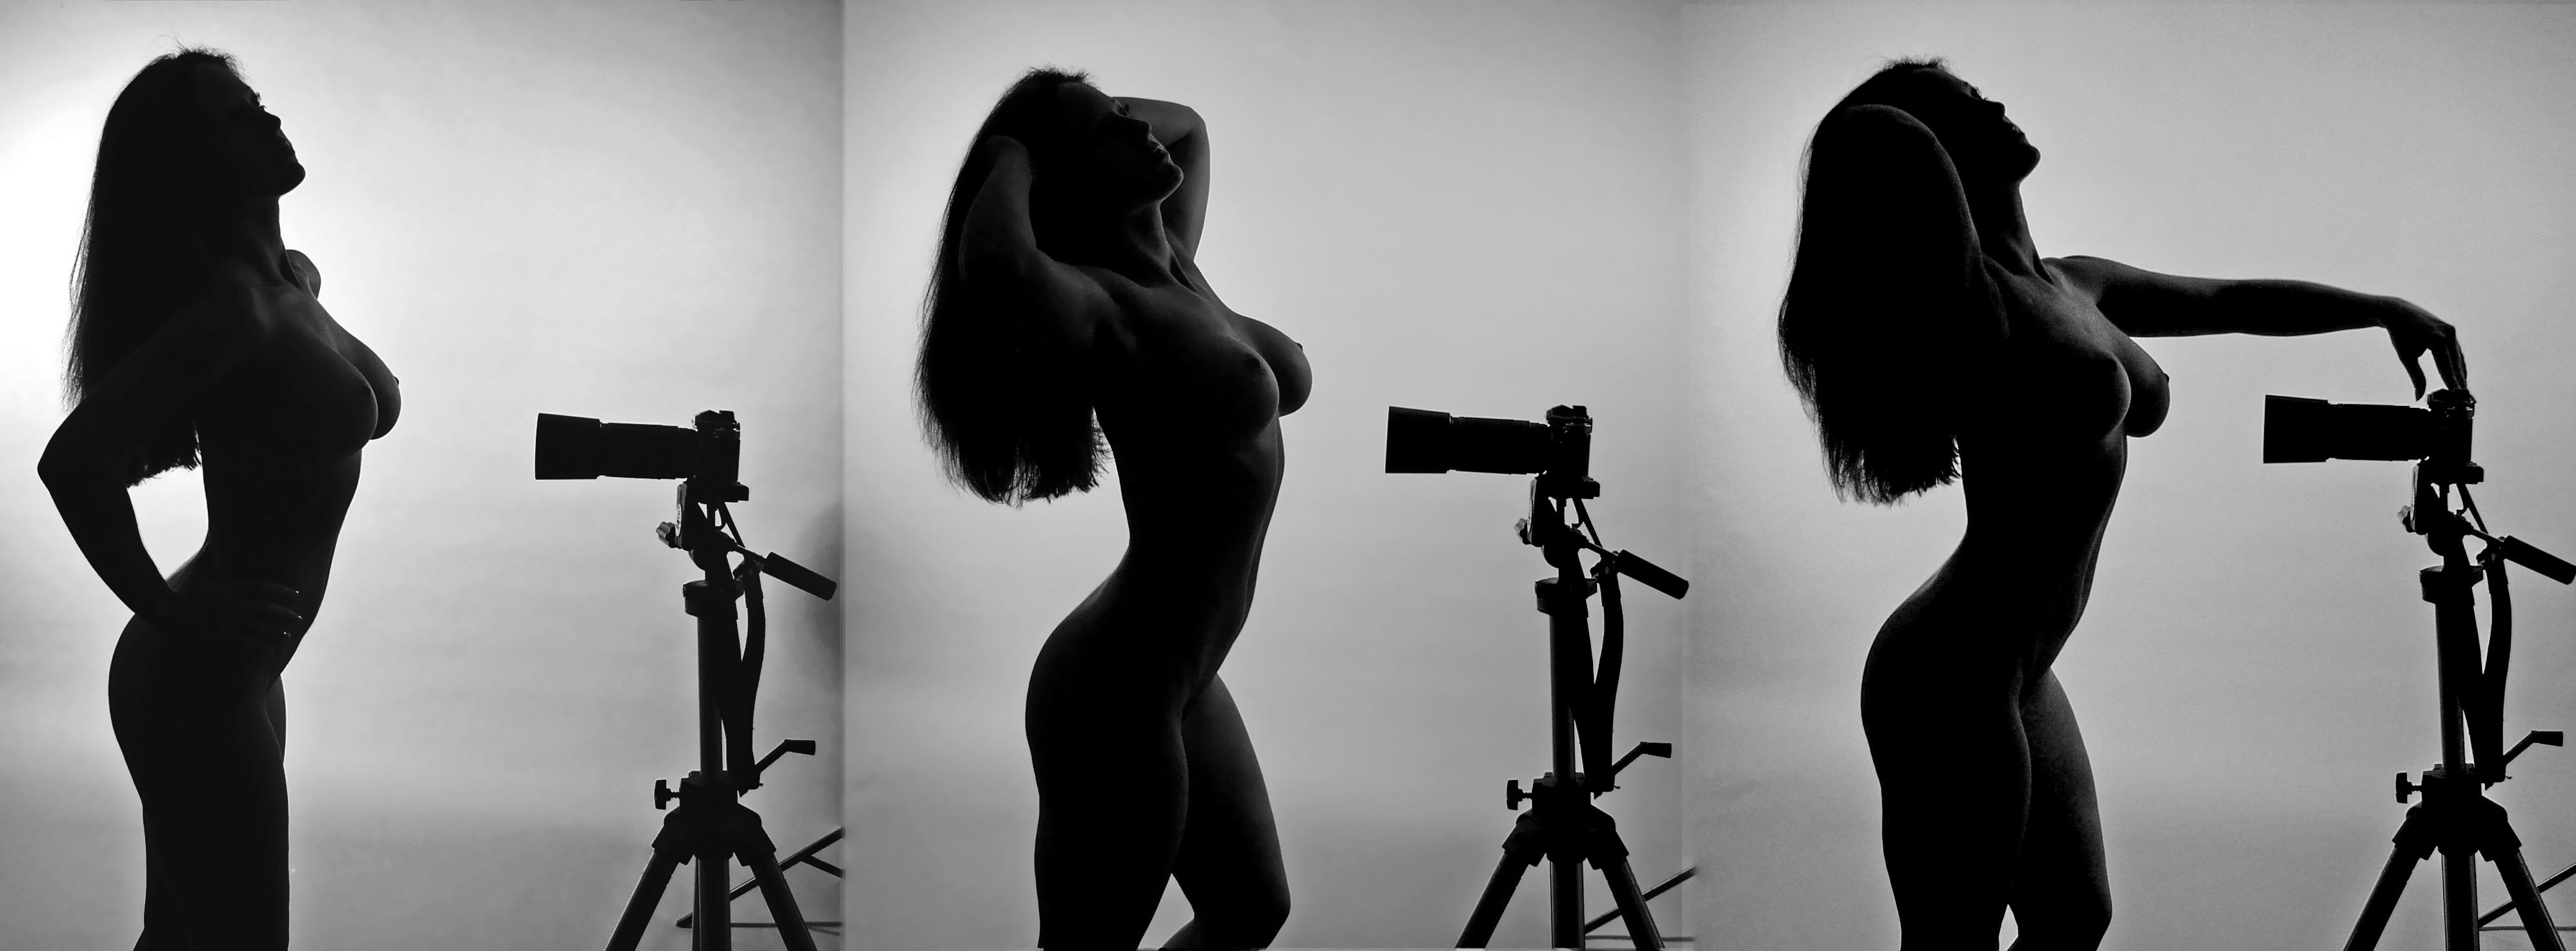 Birmingham AL boudoir photography